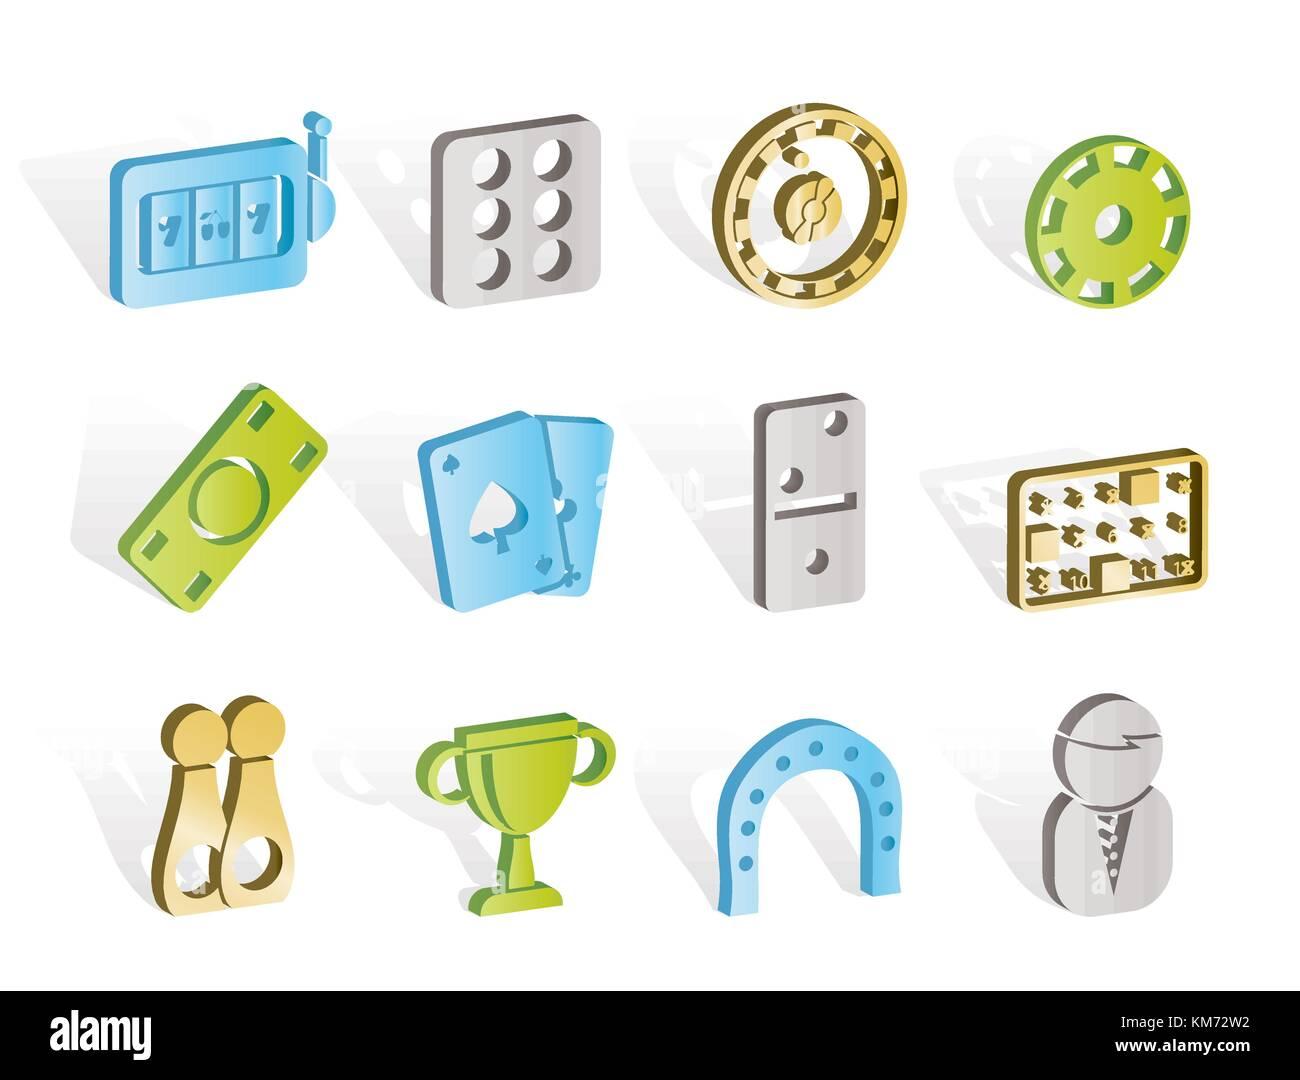 Casino jeu et des icônes - vector icon set Photo Stock